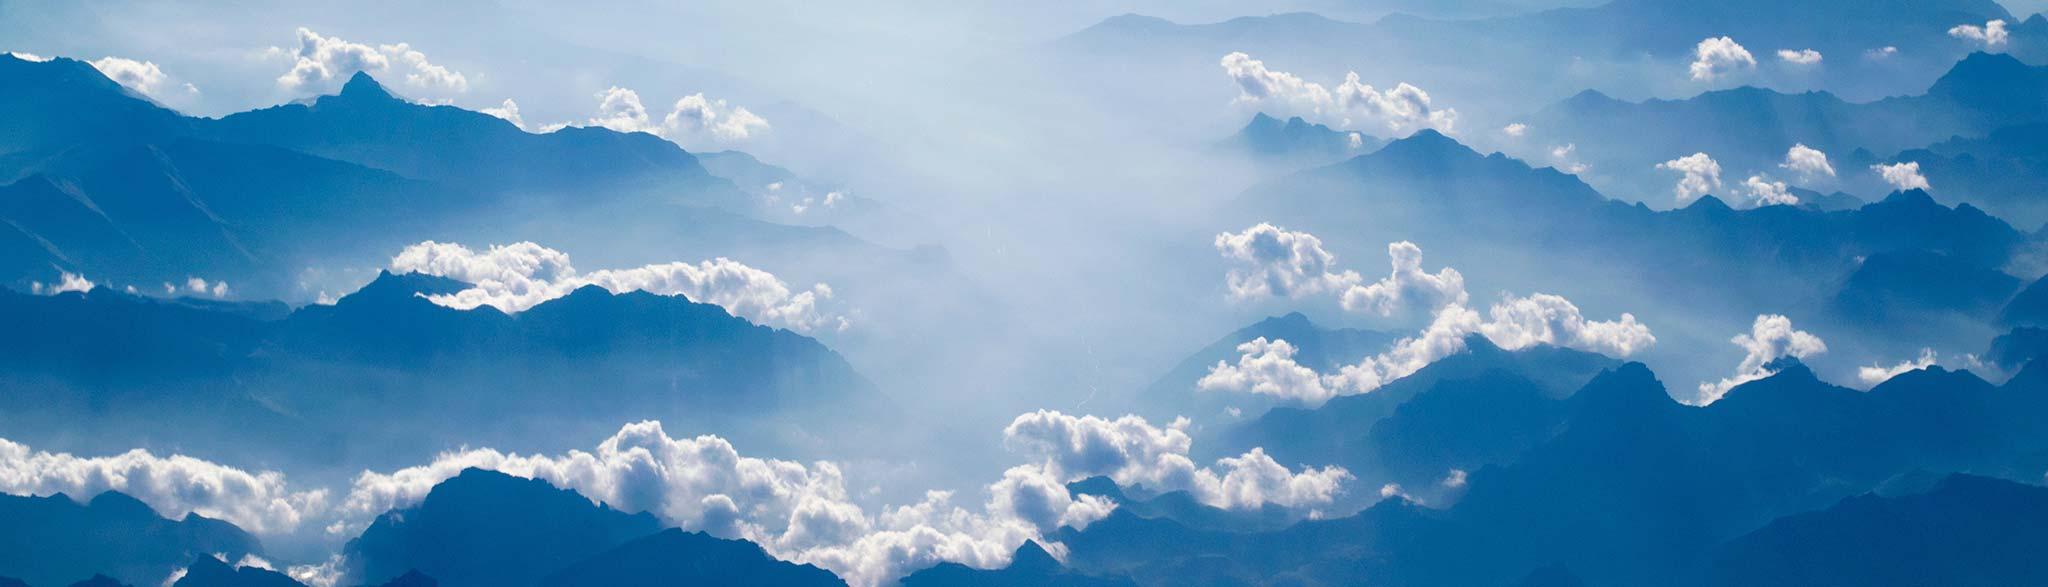 Alpenpanorama in bläulichem Licht Photo by Brady Bellini on Unsplash